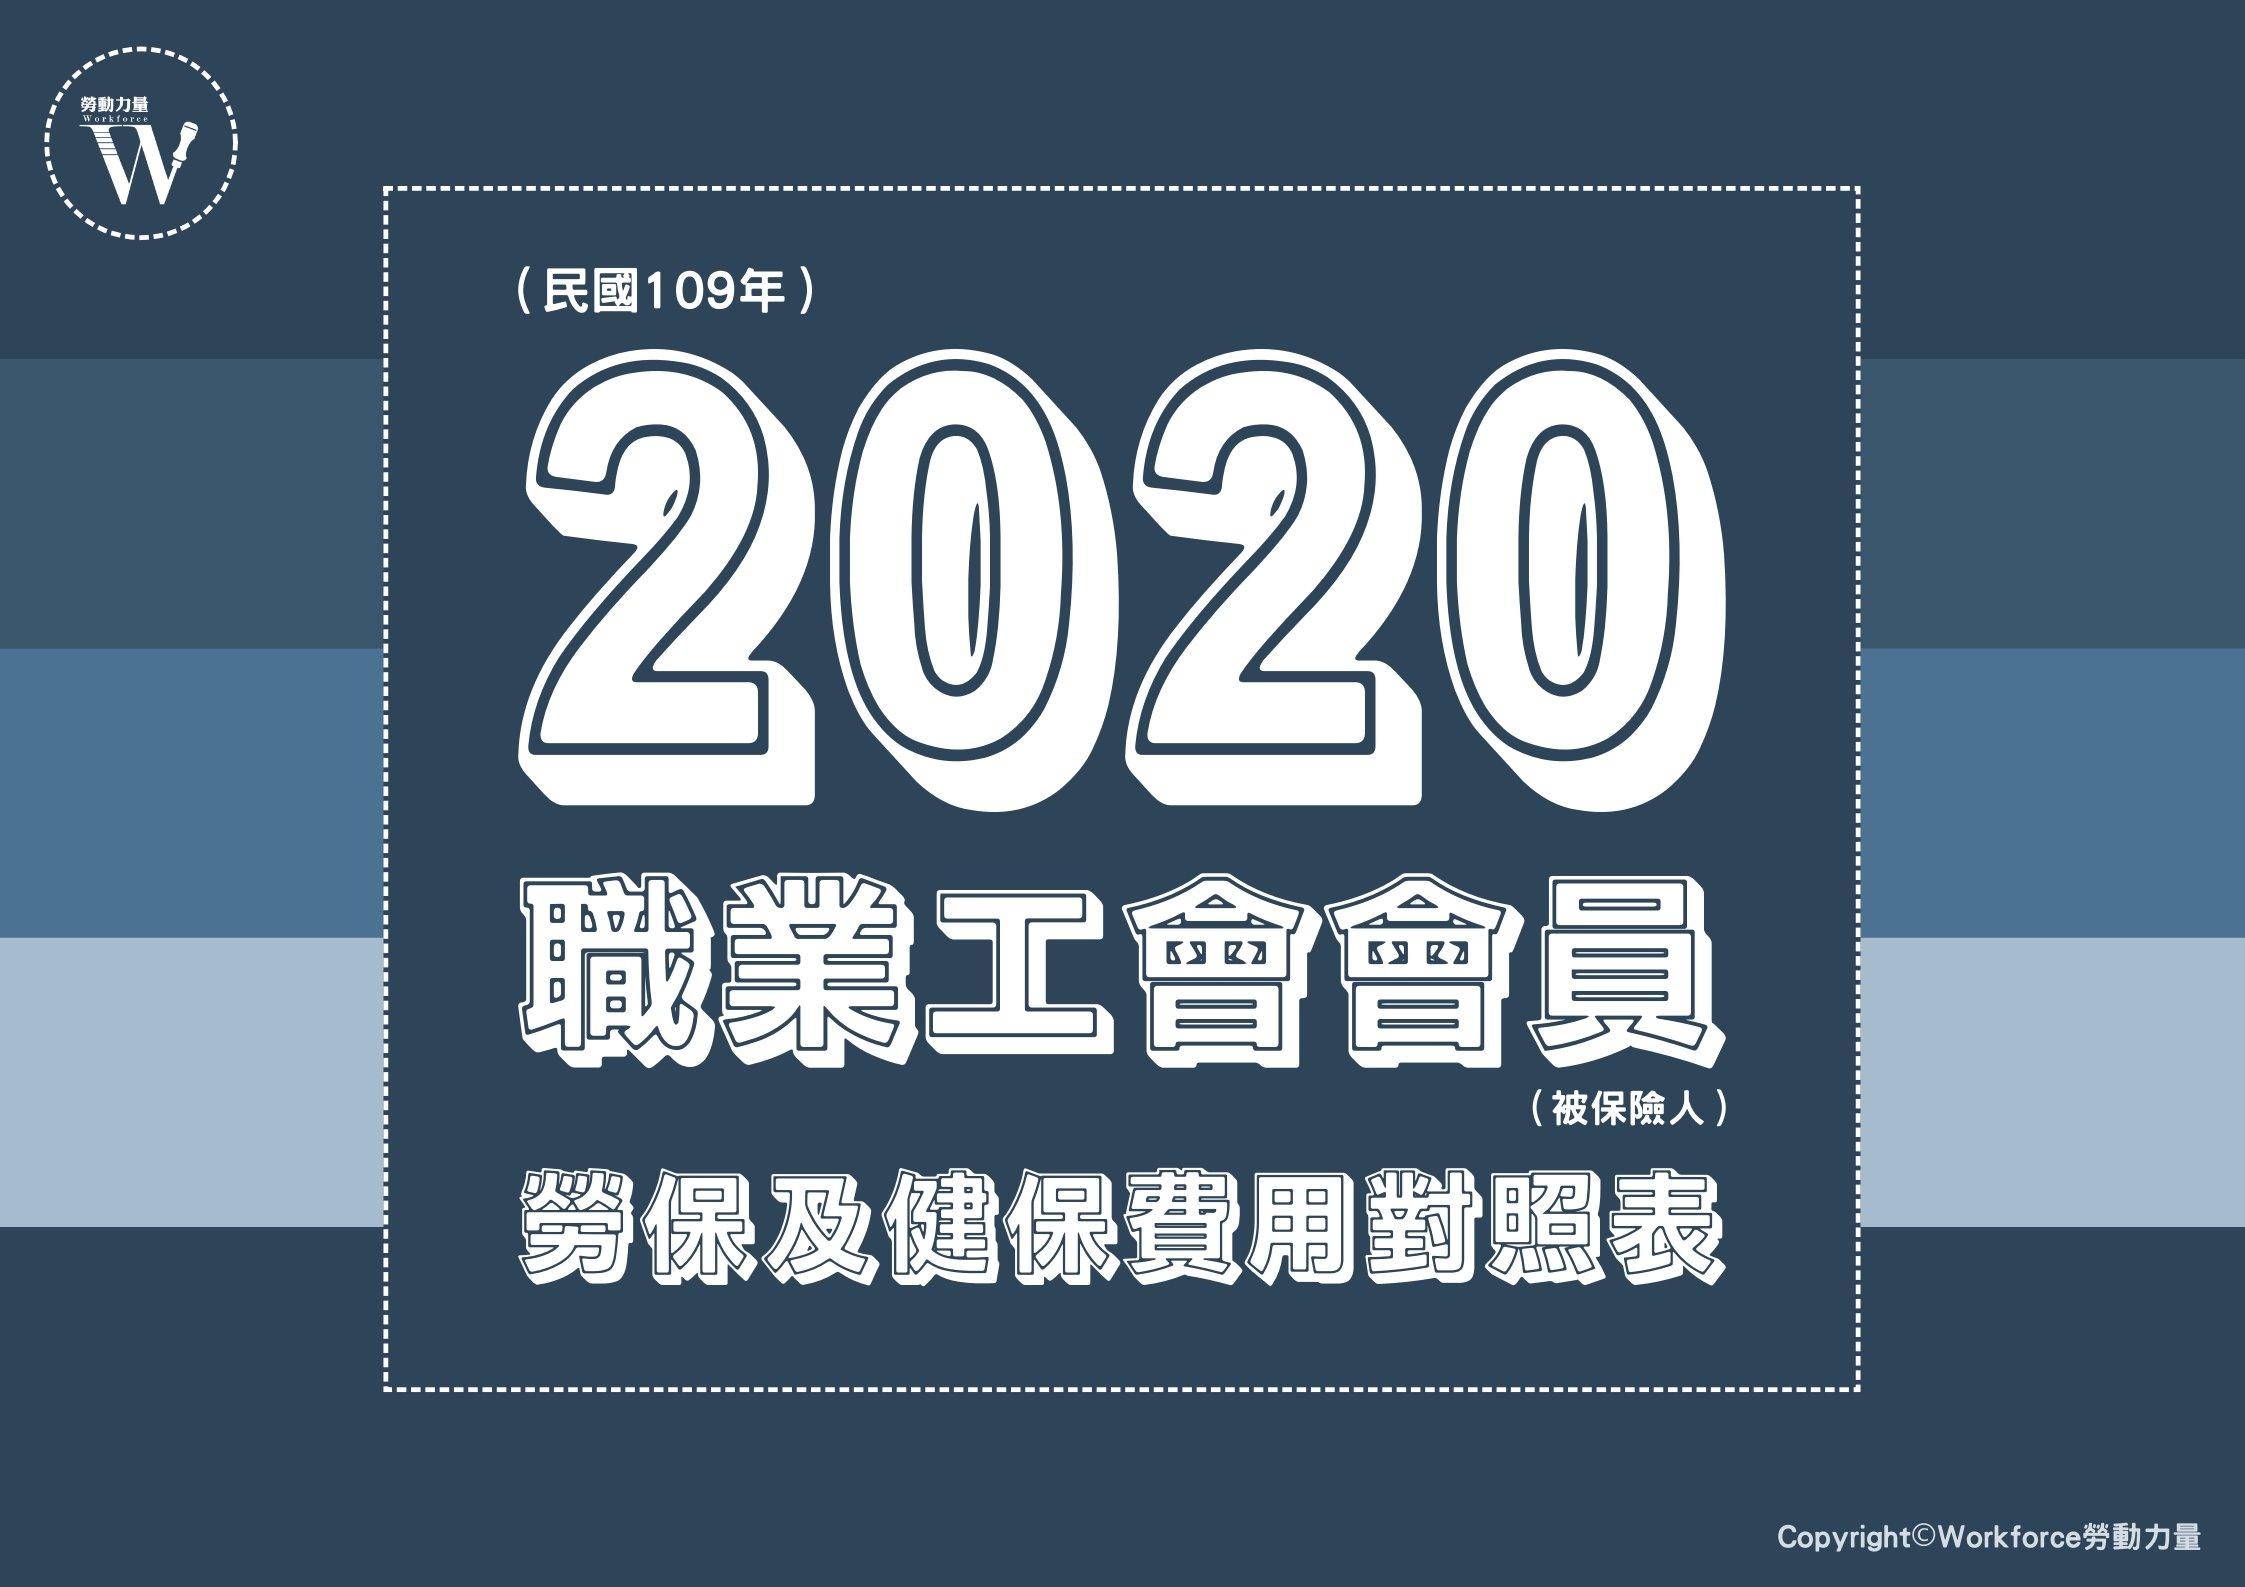 2020年勞工保險投保薪資分級表及勞退月提繳工資分級表 - Workforce 勞動力量